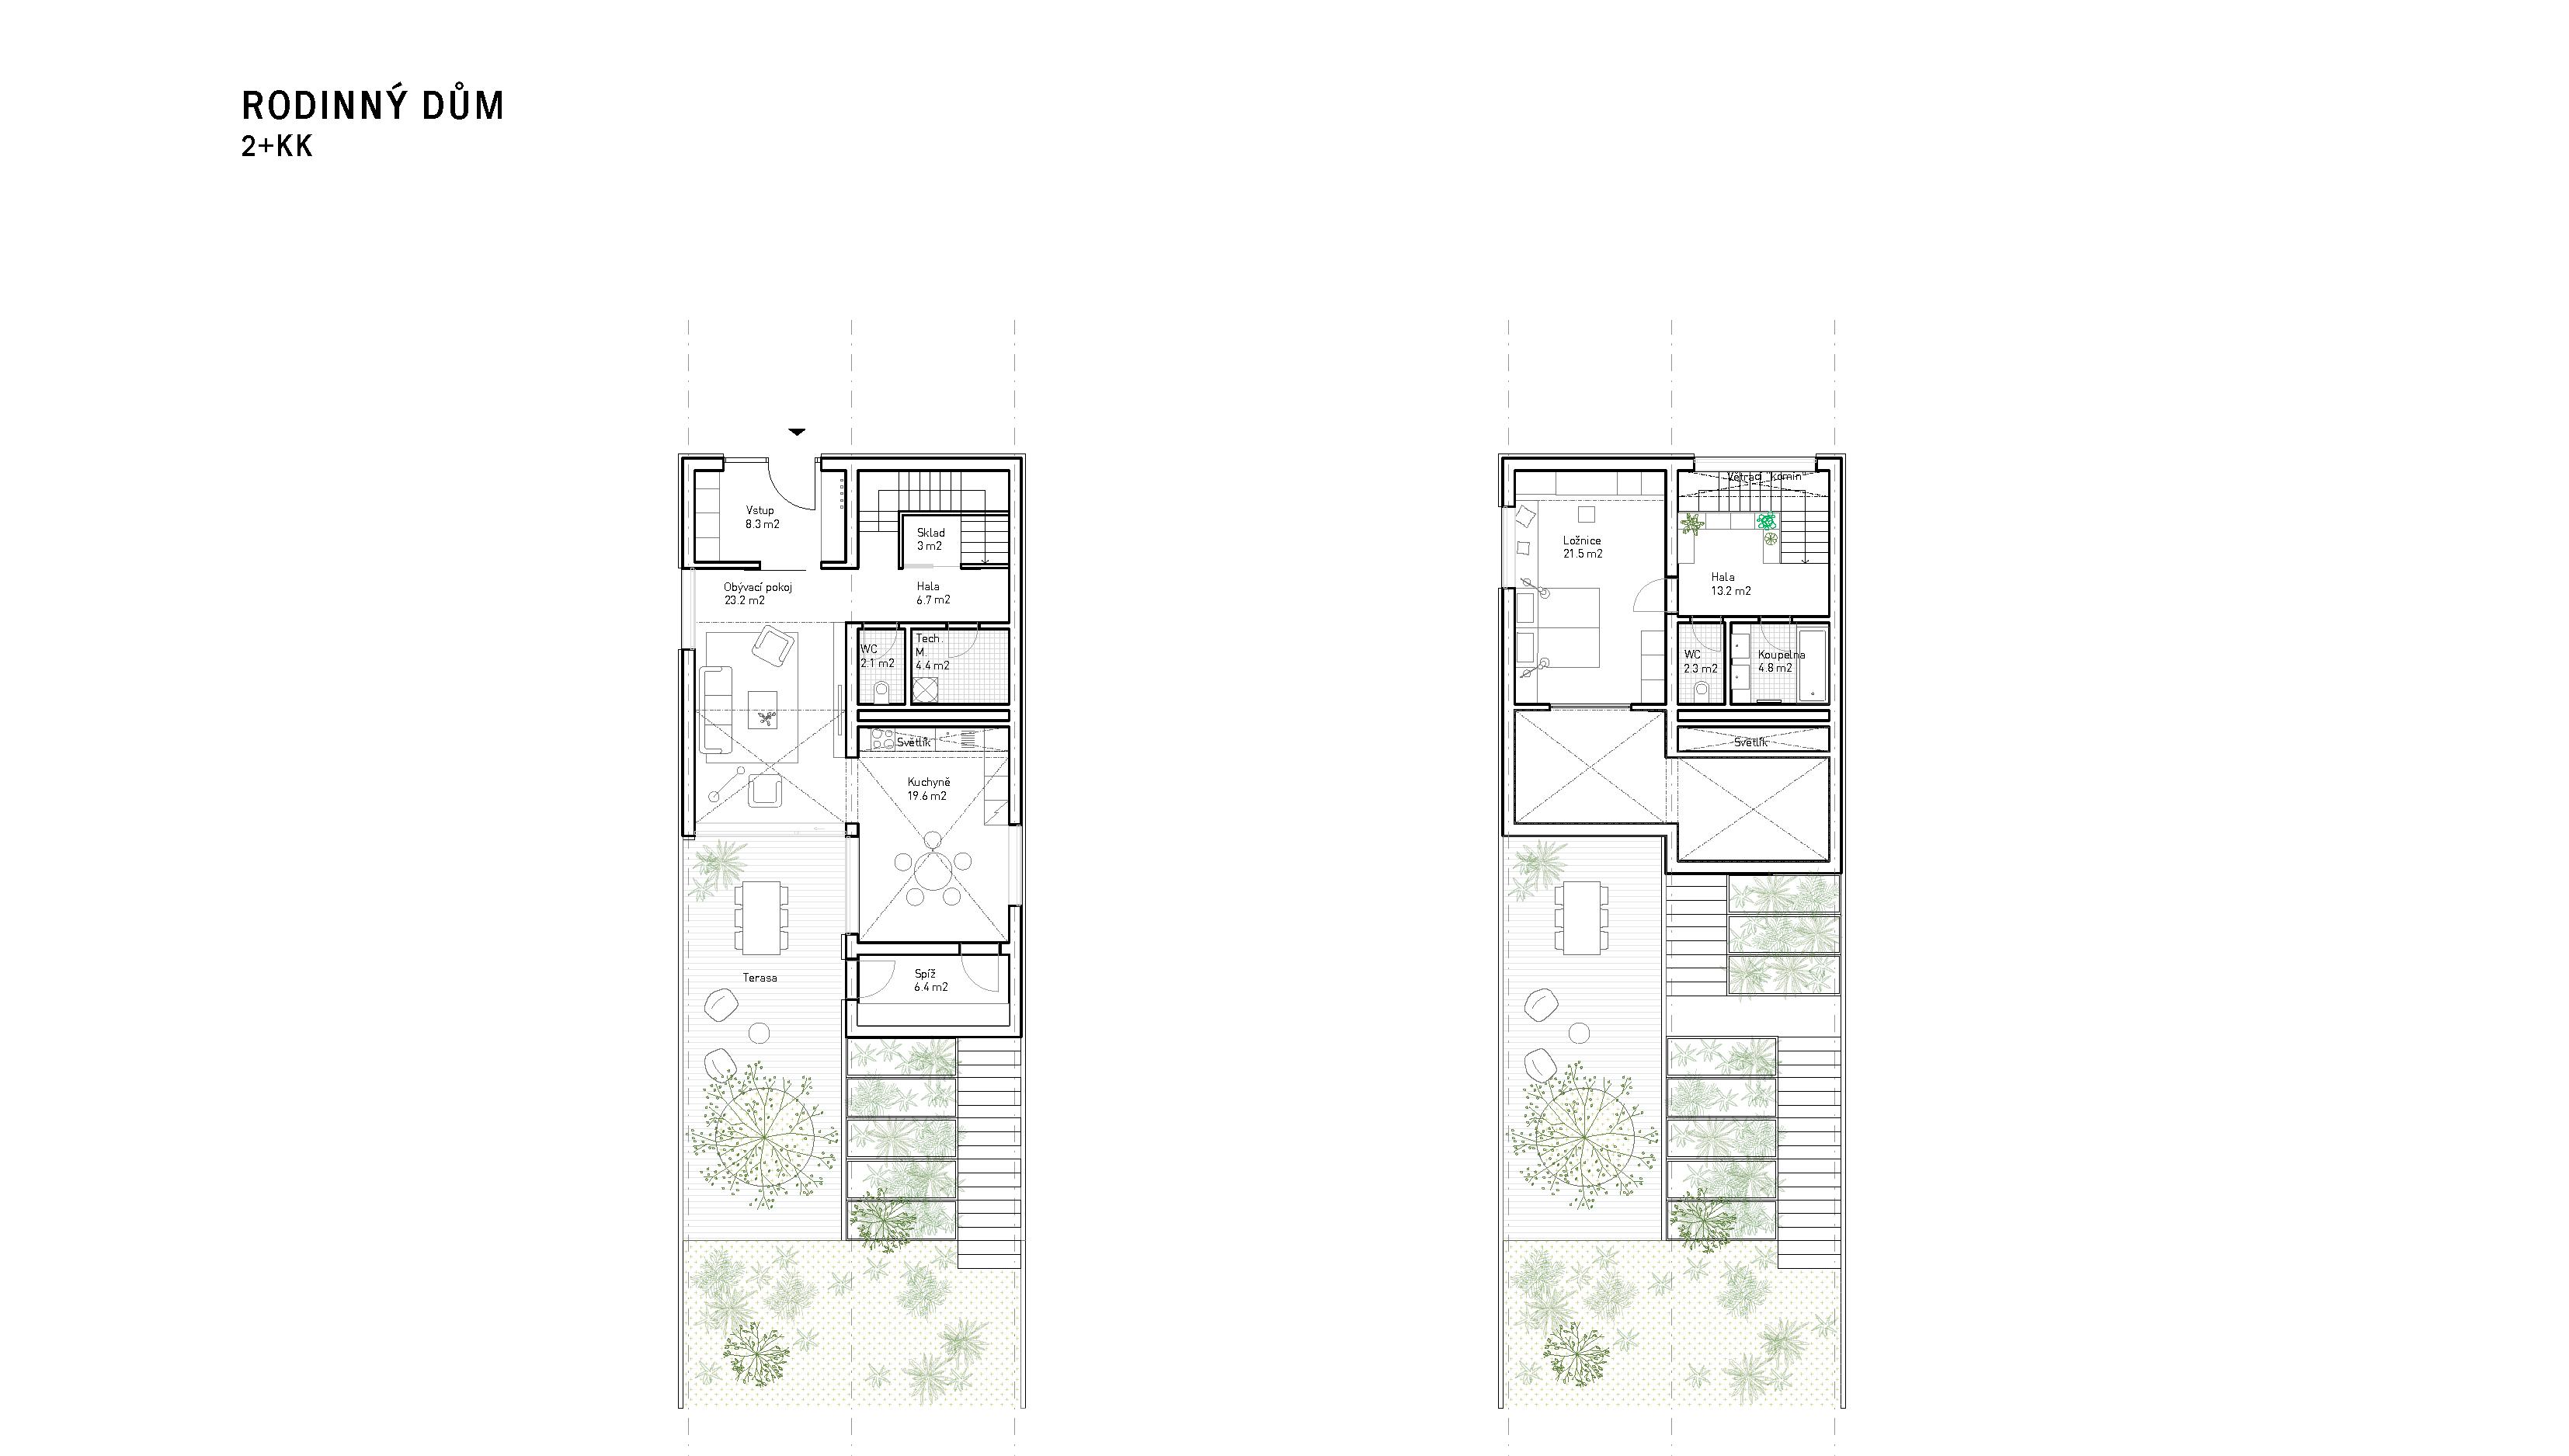 layout_case_0005_200605_Zdrave-domy_chkau_Page_53